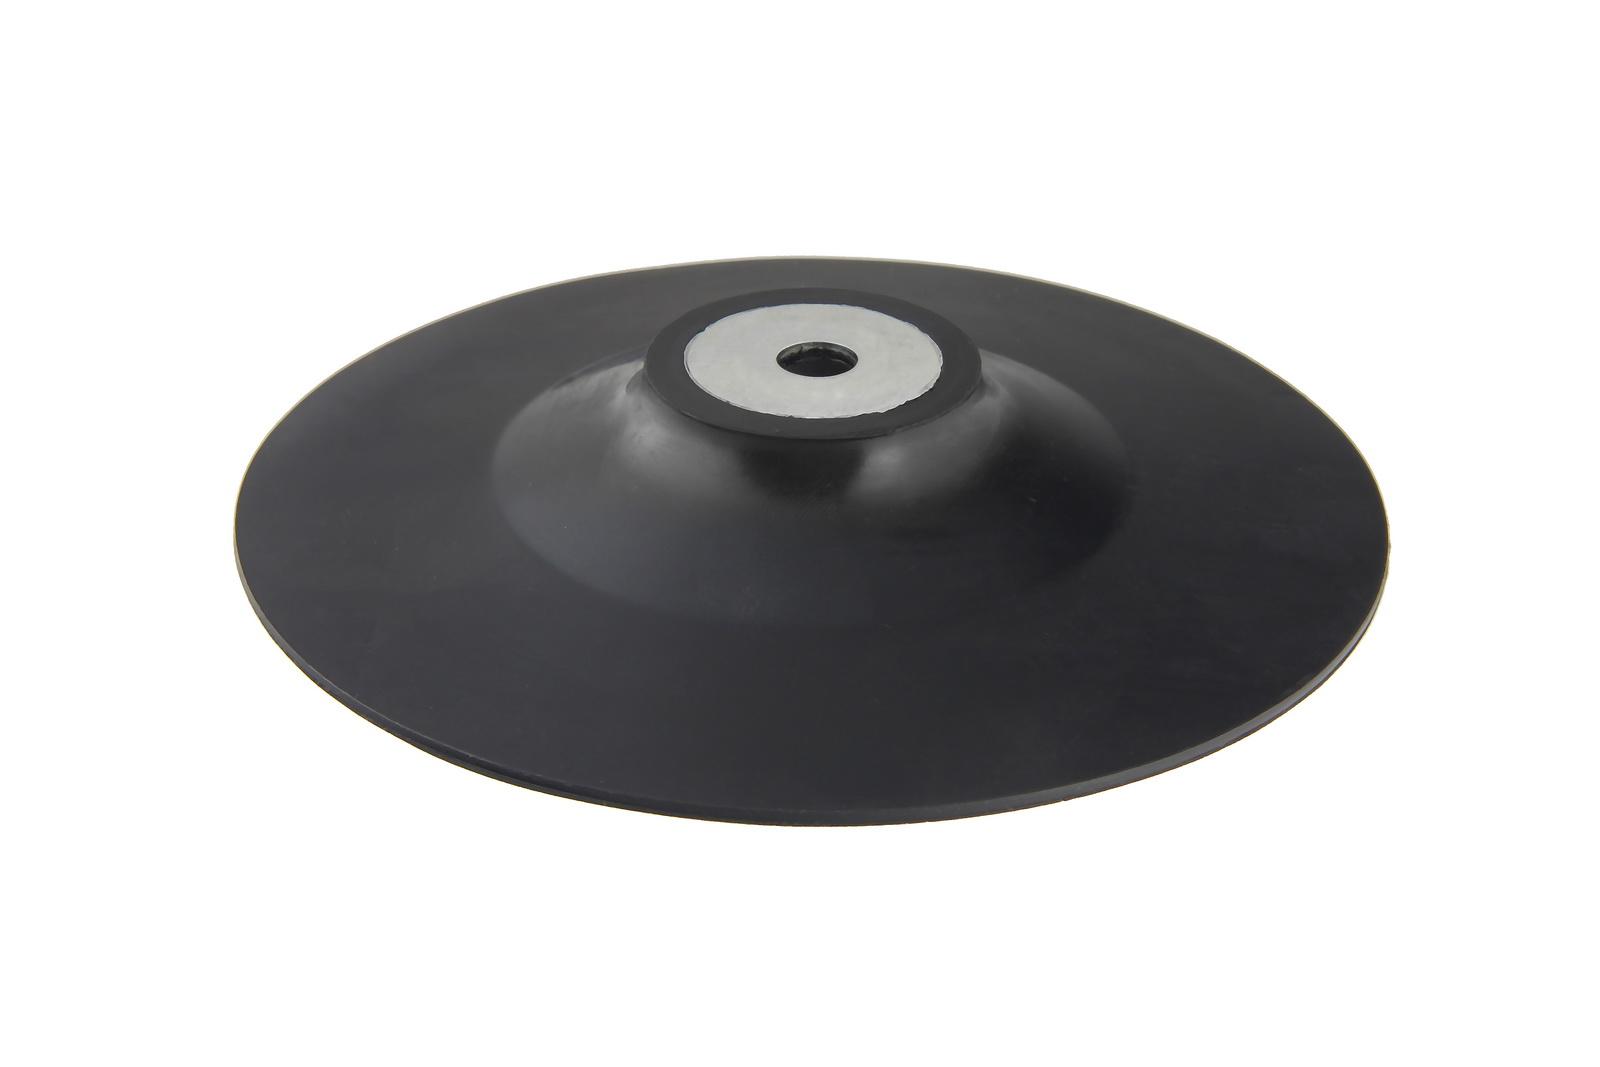 Тарелка опорная Hammer 227-003 pd pd d6 rb 125 мм опорная тарелка multihole 125 мм мягкая bosch 2608601333